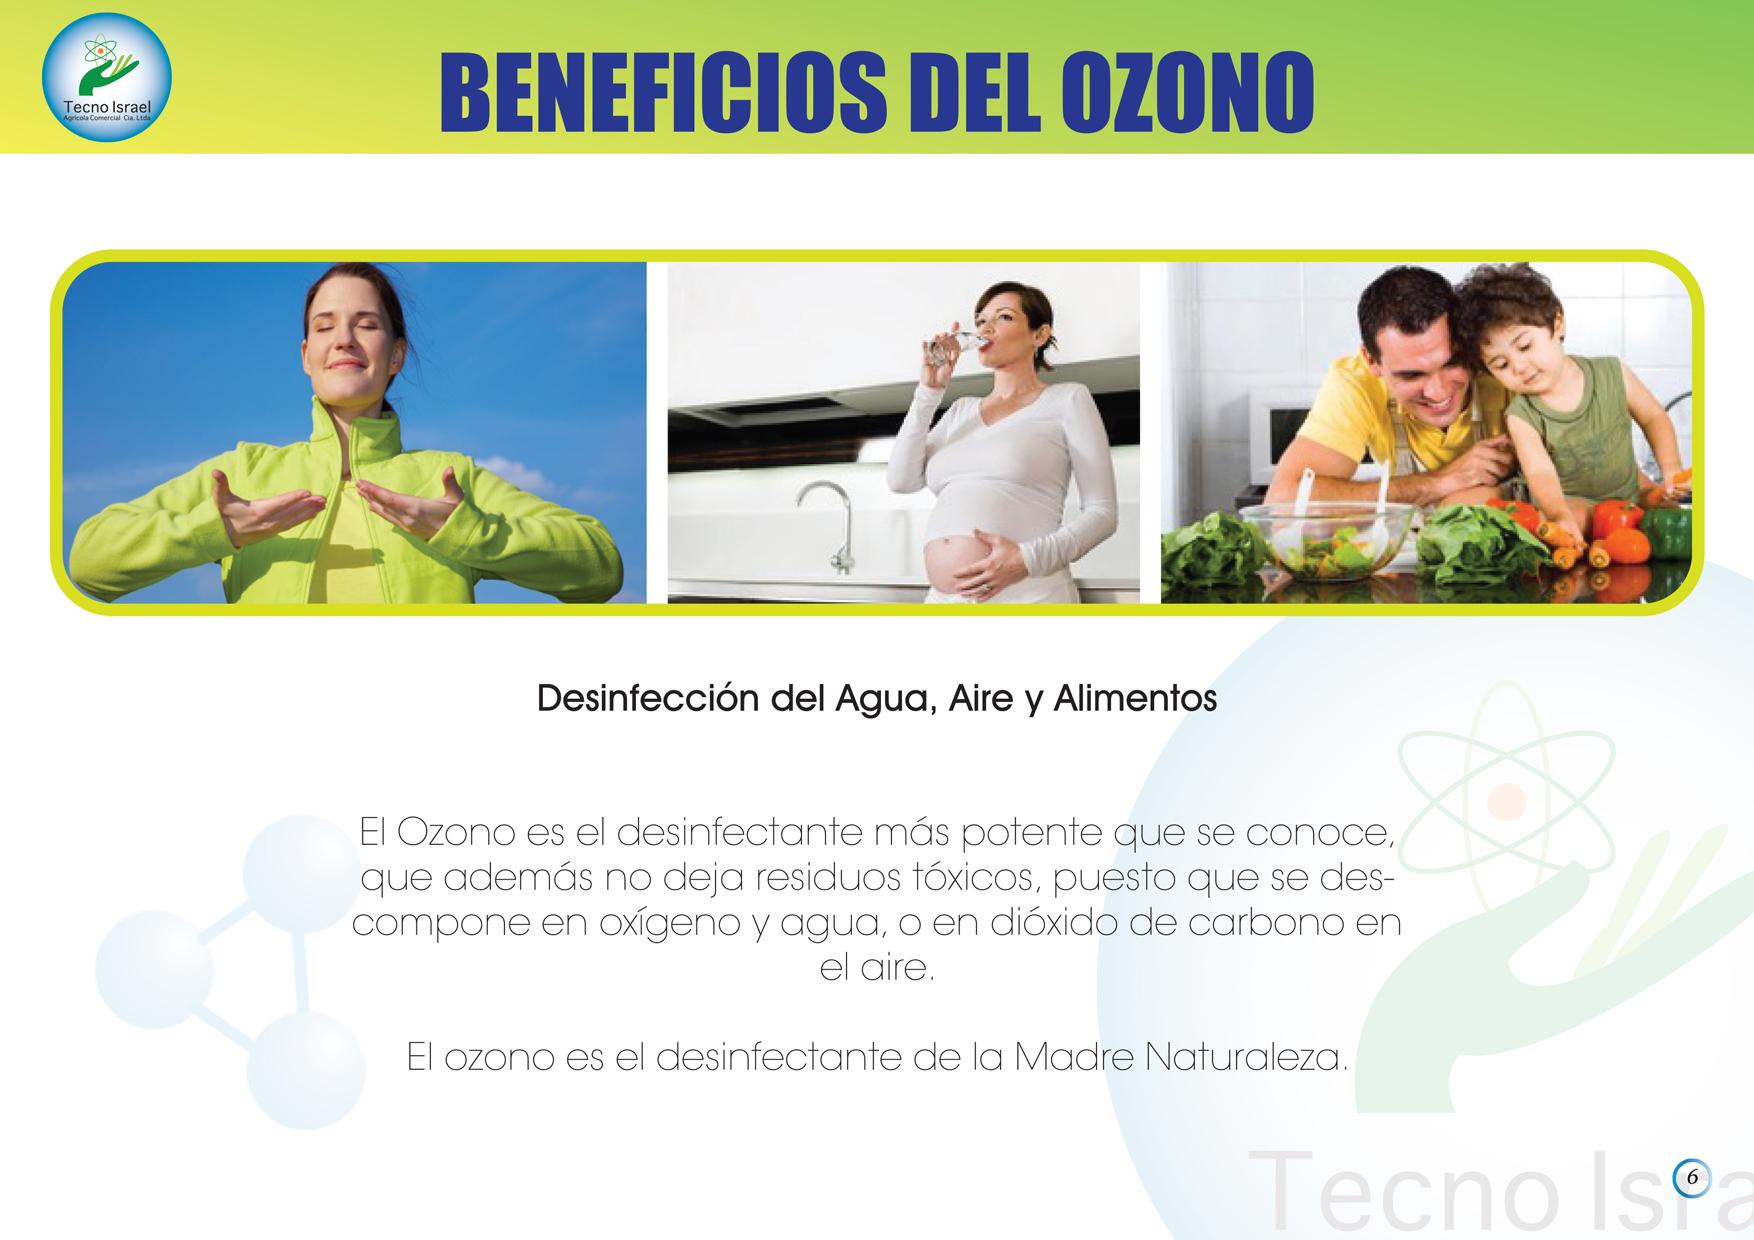 Beneficios del Ozono